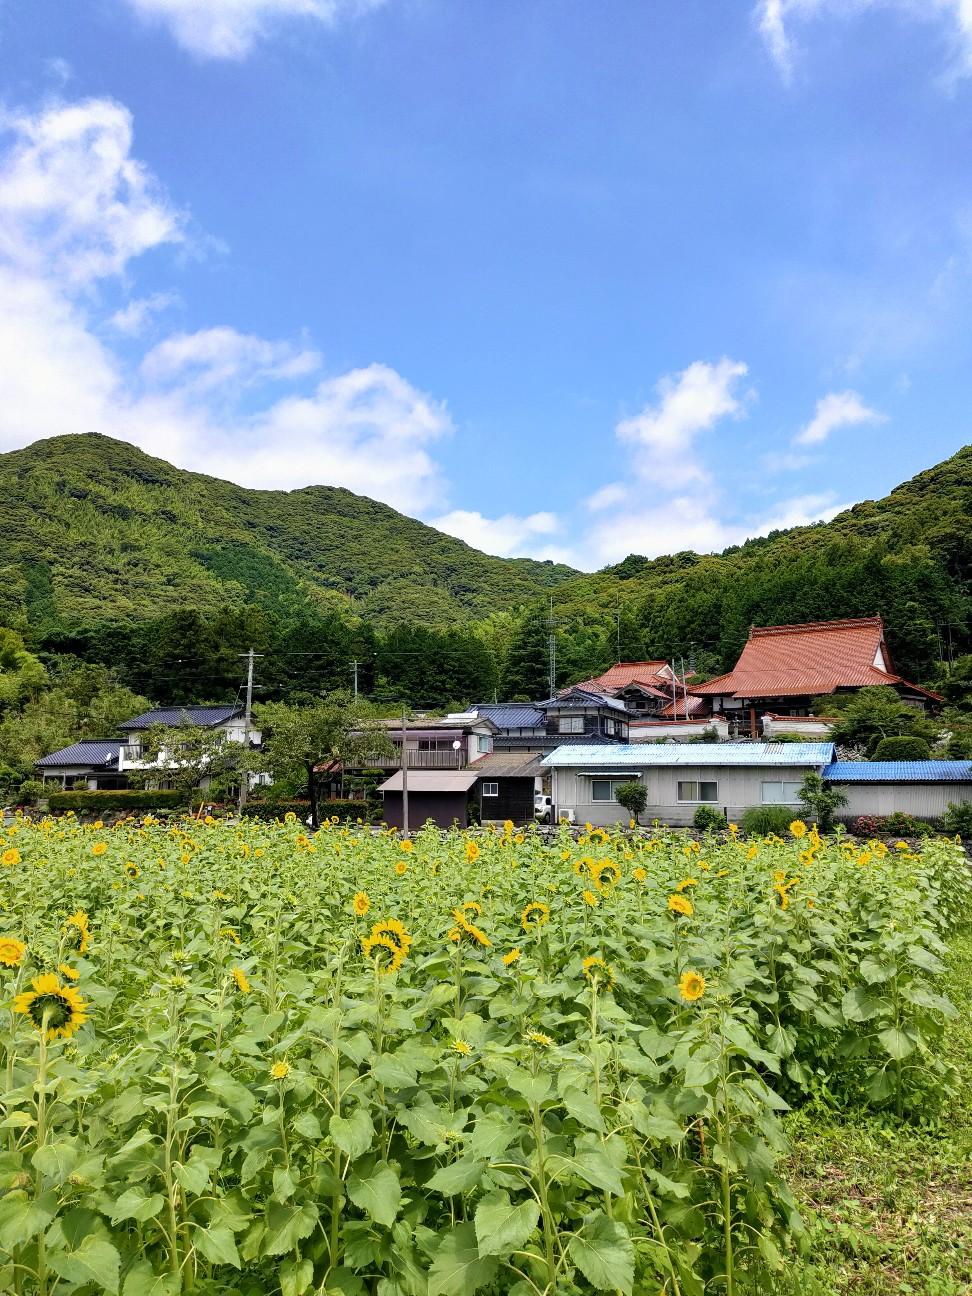 f:id:shingo_shiraishi:20200711234538j:image